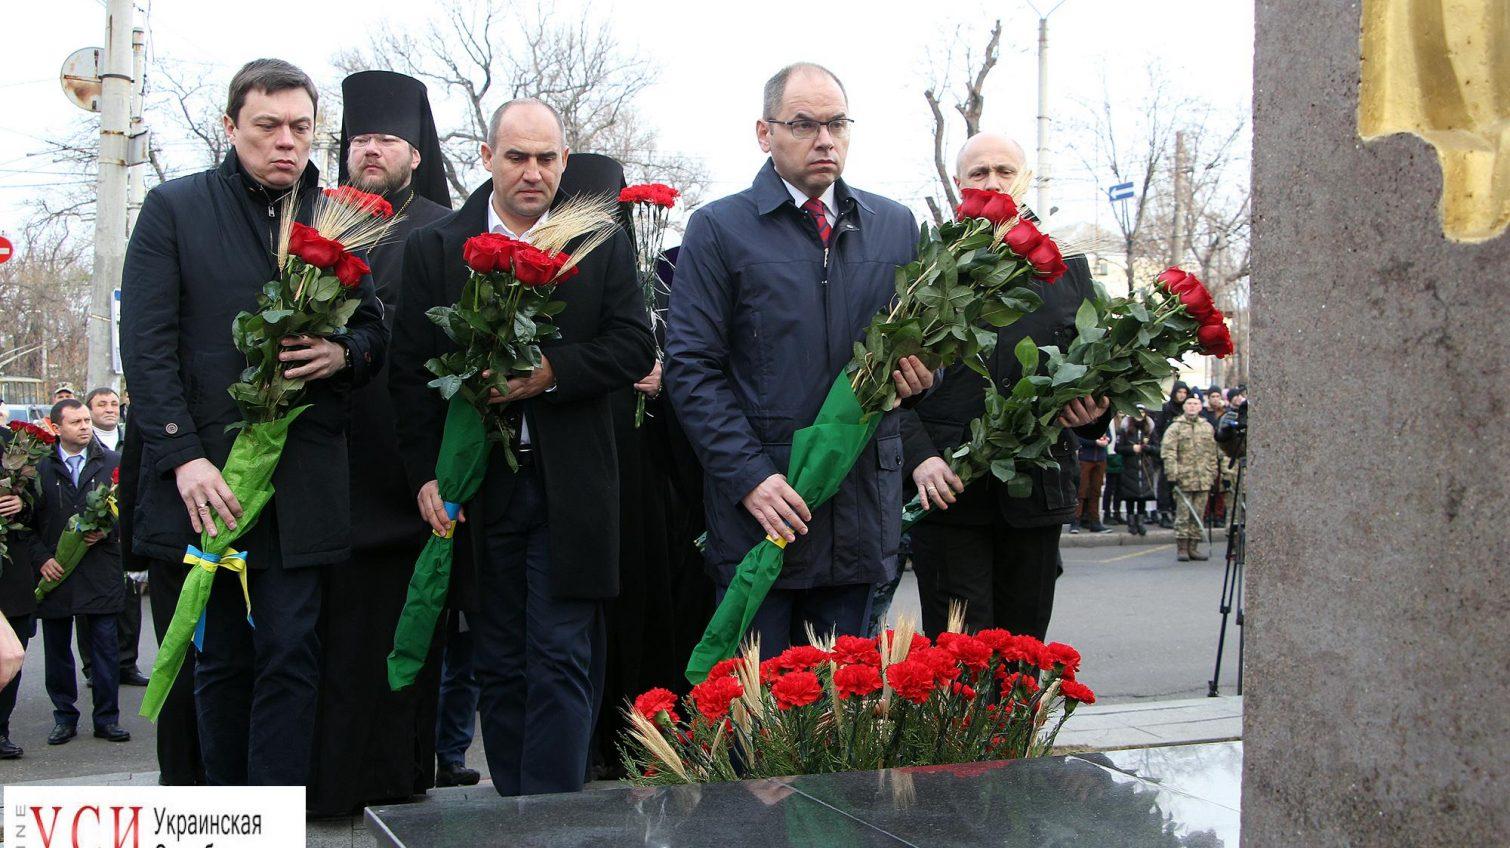 Одесситы возложили цветы к памятному знаку жертвам Голодомора (фото) «фото»